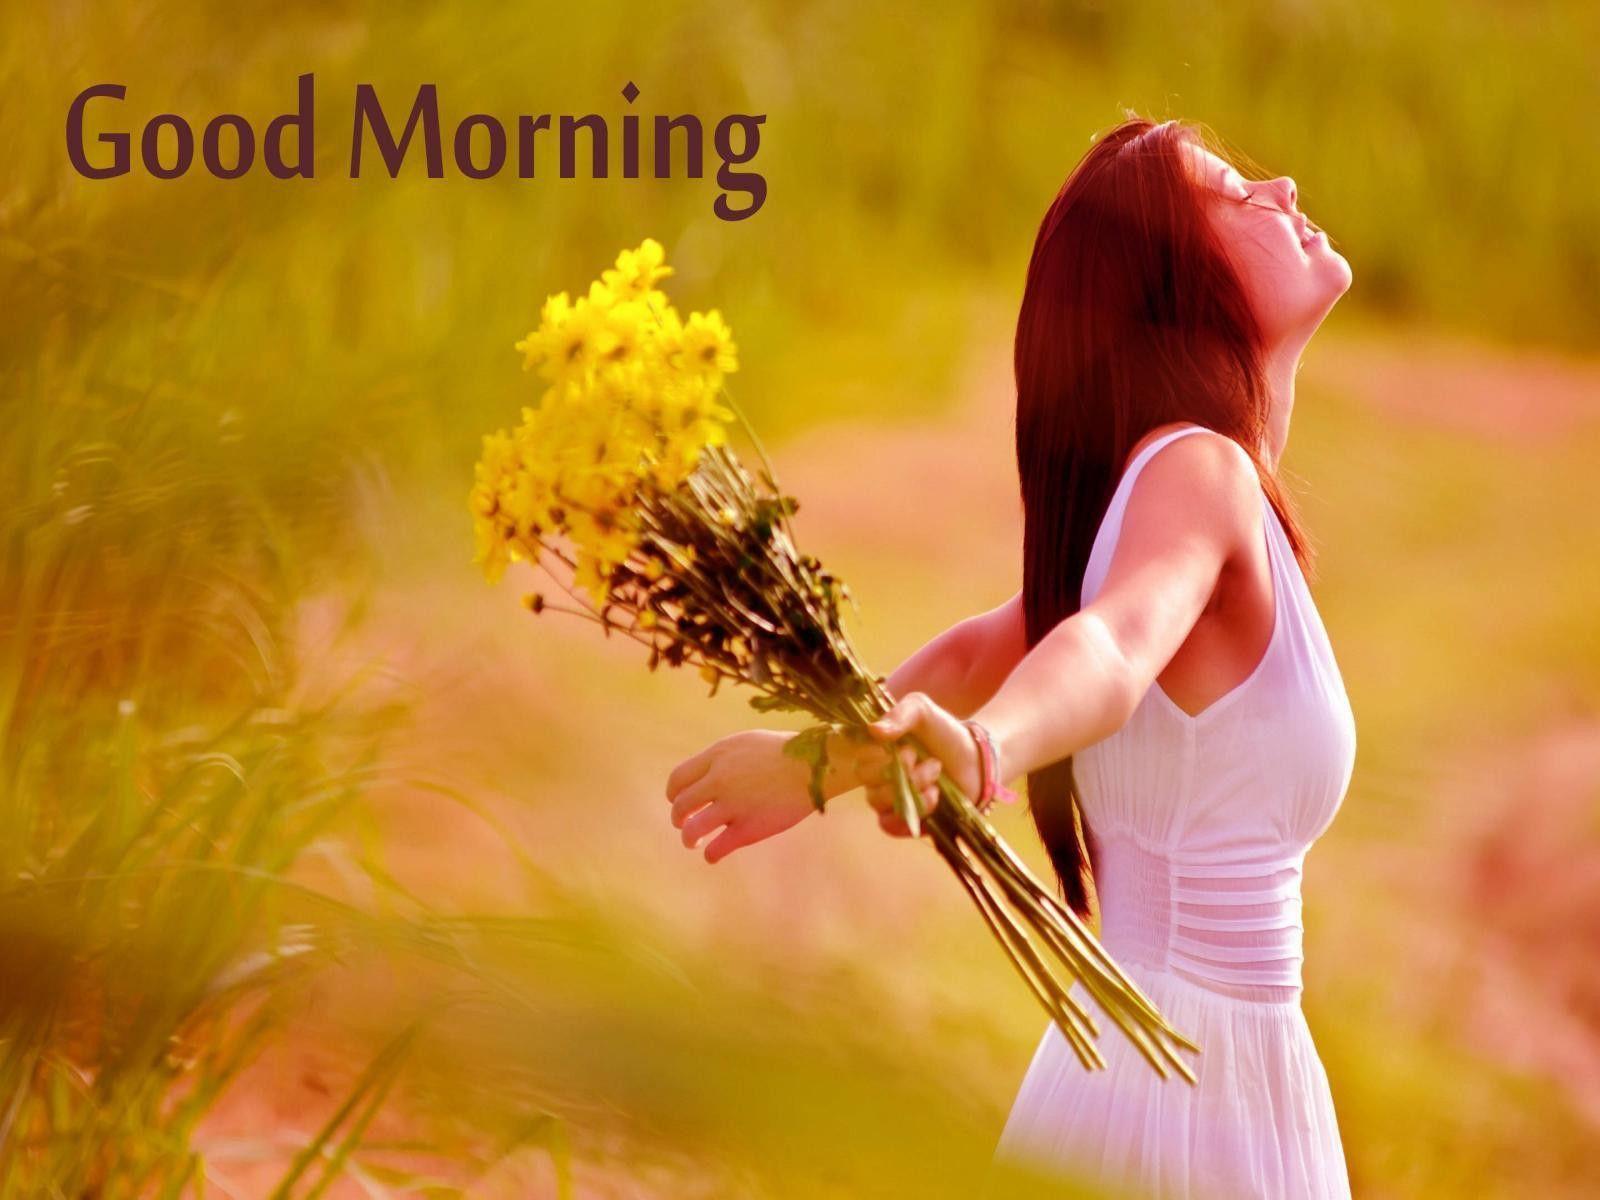 1600x1200 Cô gái xinh đẹp và lộng lẫy Chào buổi sáng HD Bộ sưu tập hình nền